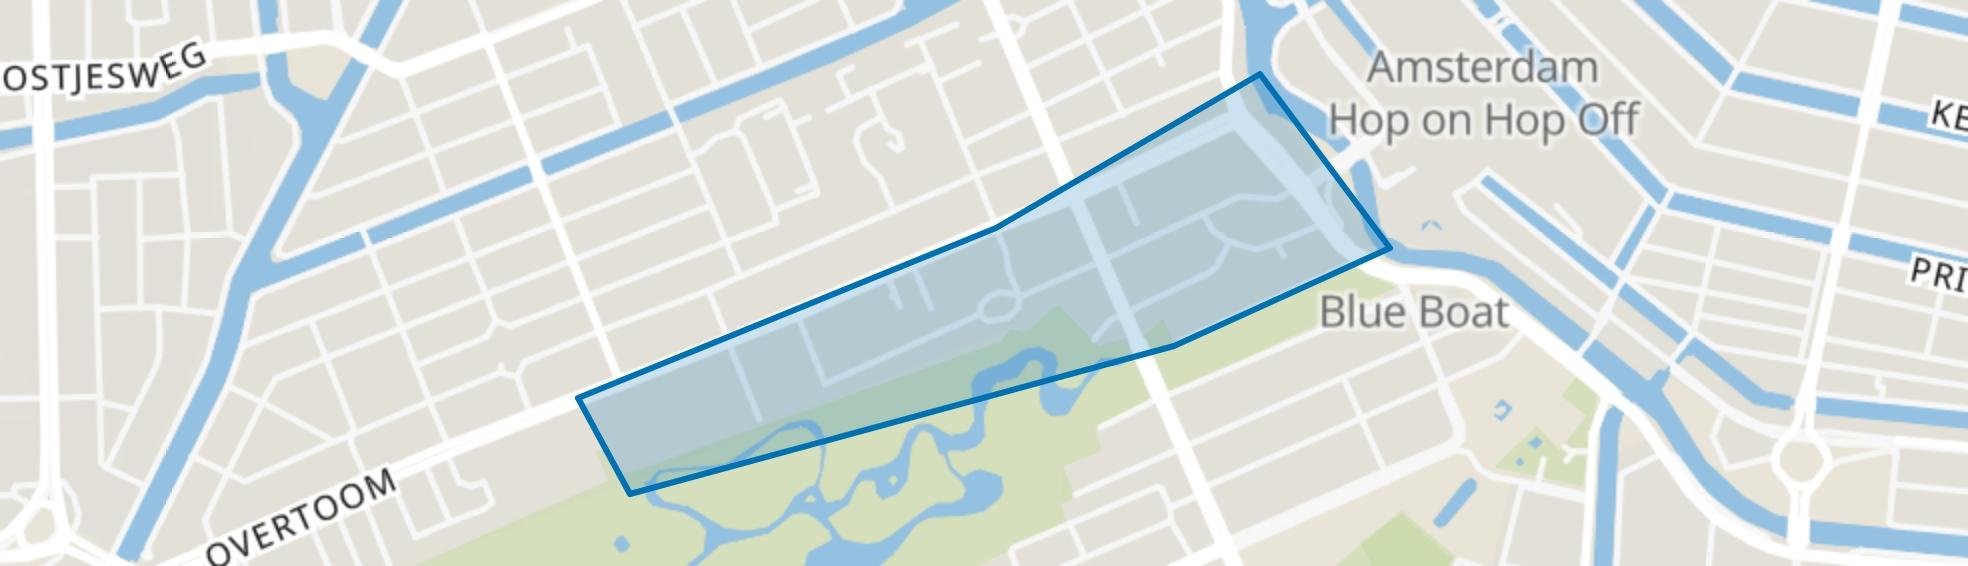 Vondelbuurt, Amsterdam map